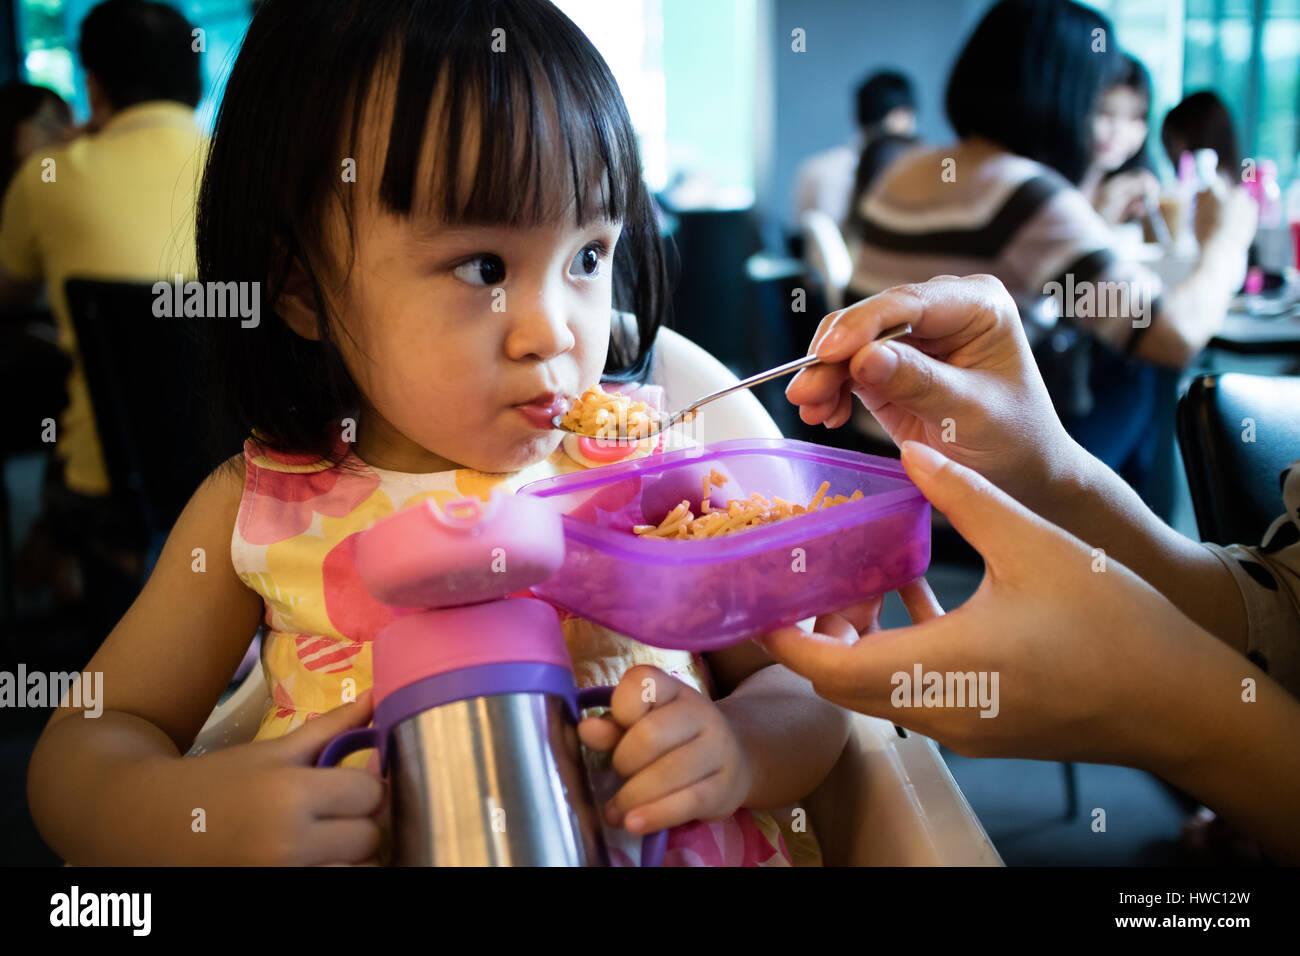 Asiatische Mutter füttert Kind Tochter Essen in einem Restaurant Stockbild